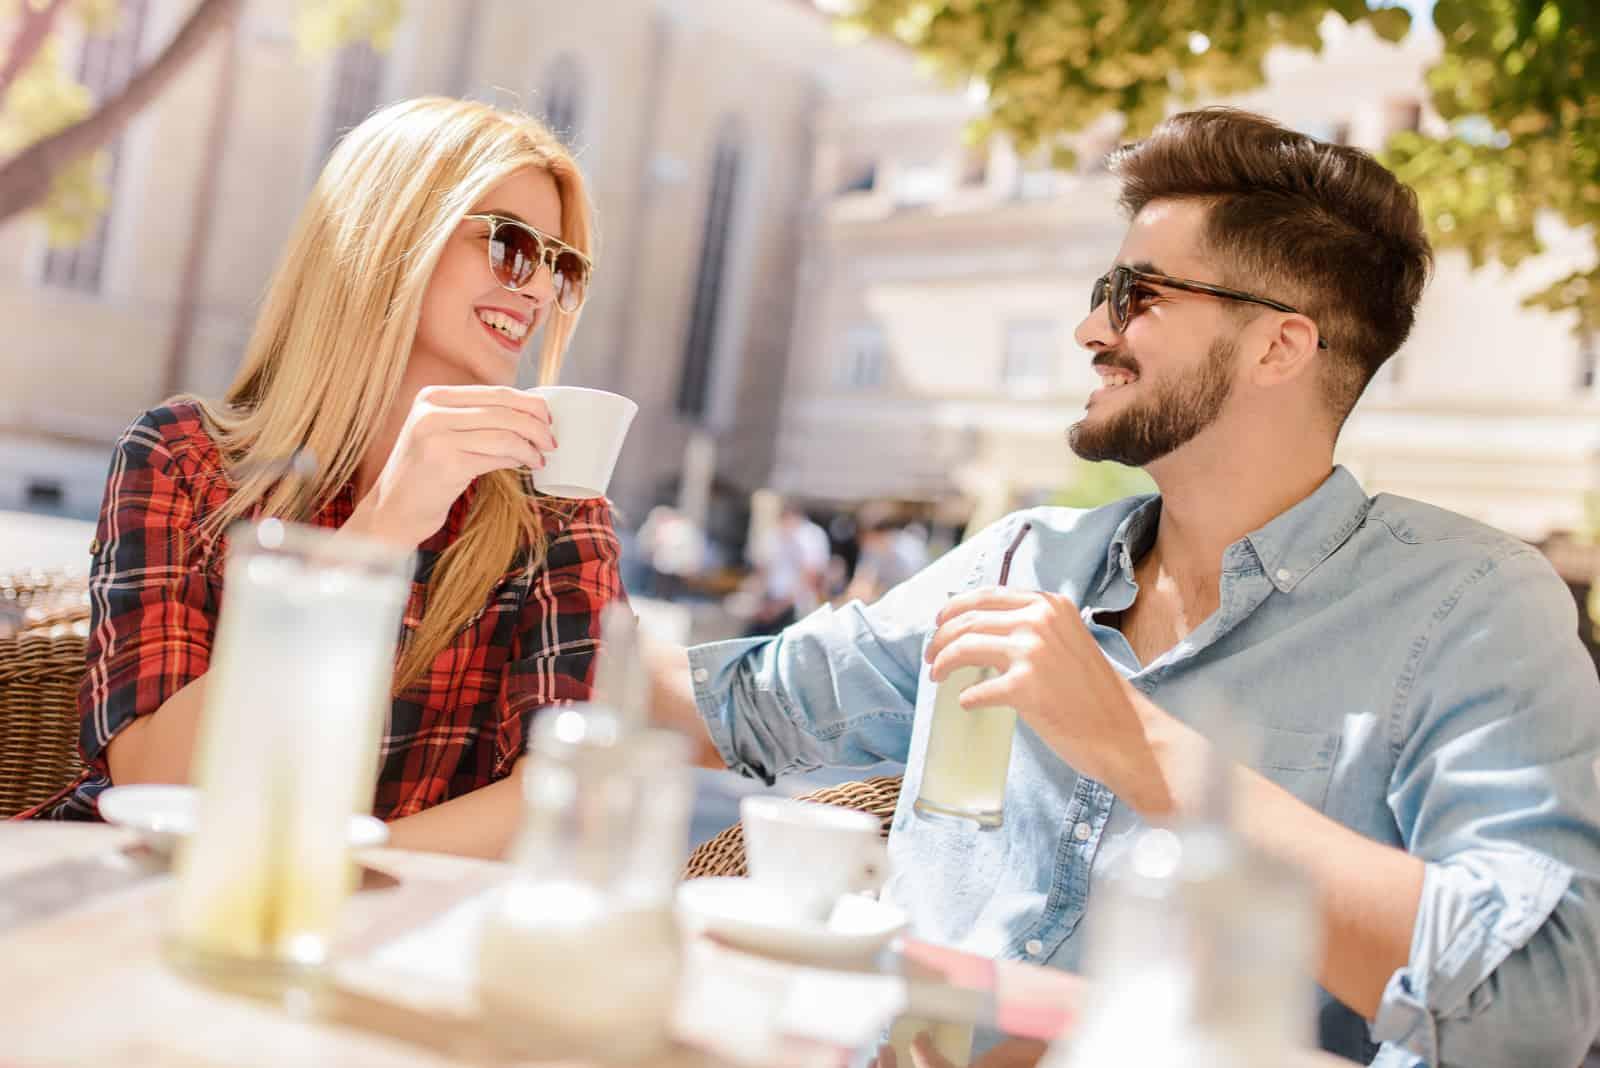 un homme et une femme buvant du café à l'extérieur et parlant